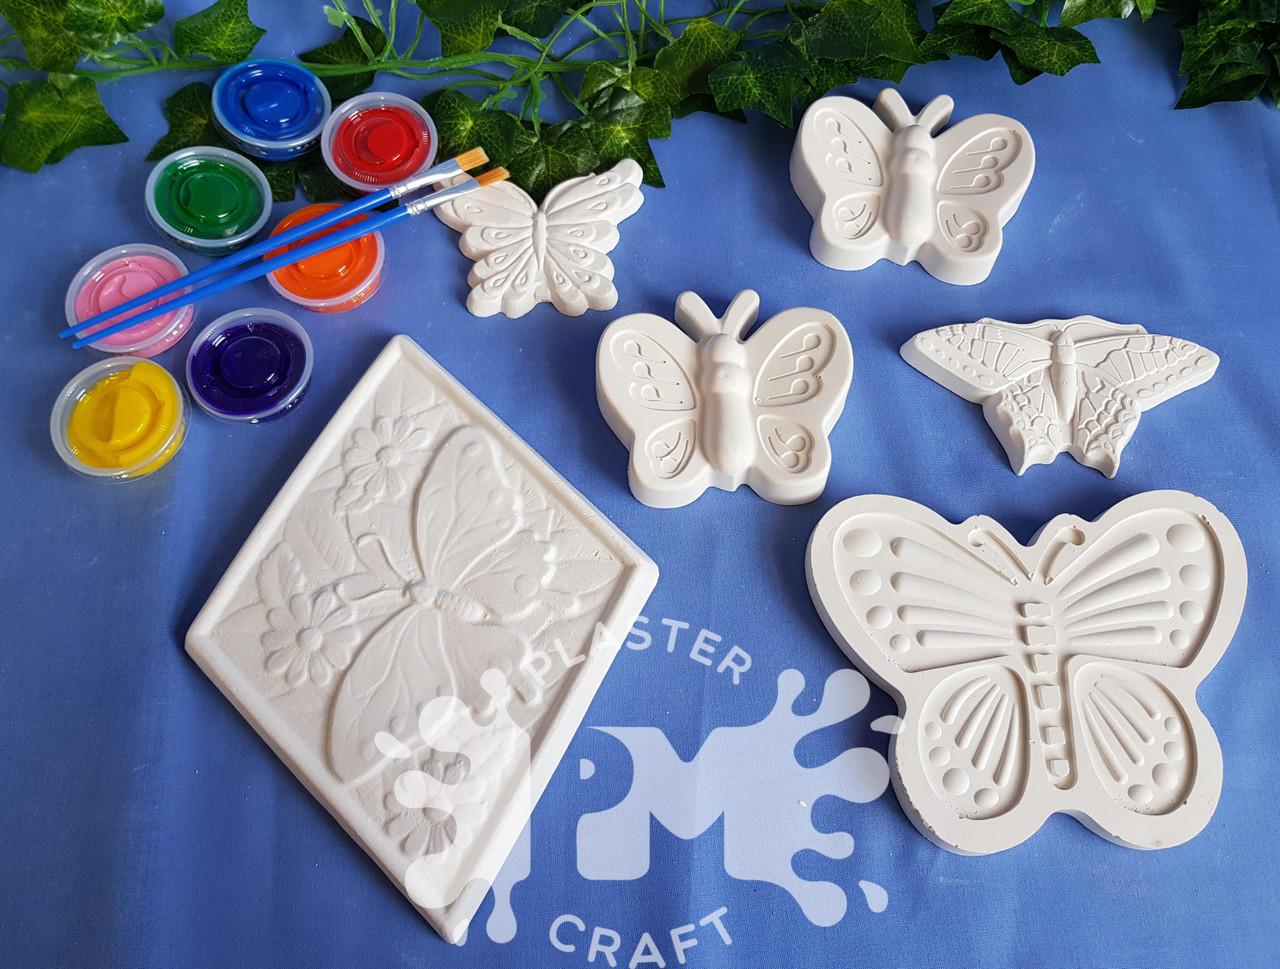 Butterfly plasters